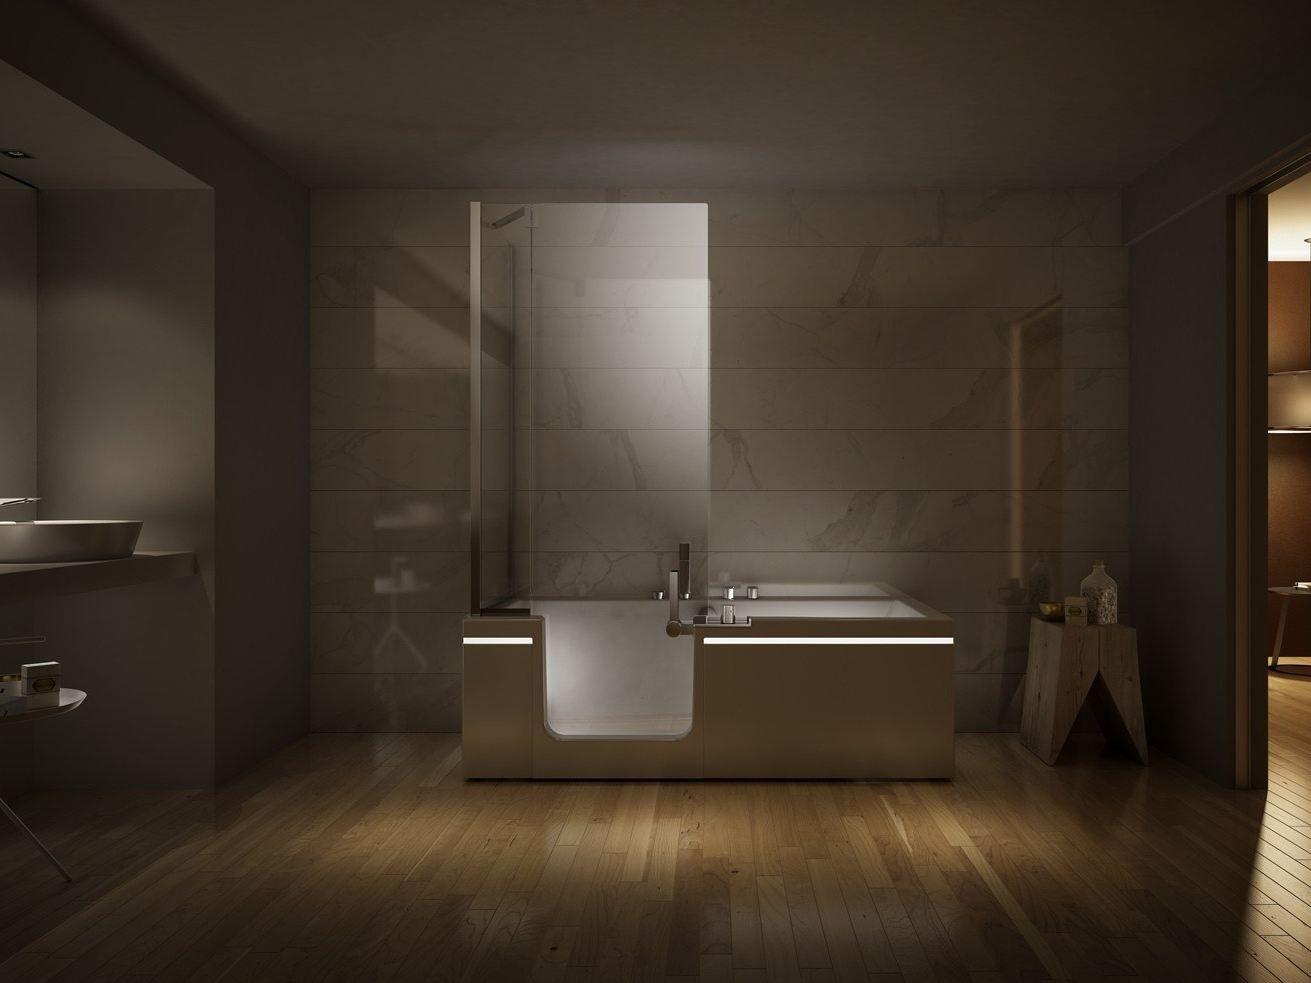 Baignoire avec douche pr t porter by teuco design jean michel wilmotte accessibilite - Baignoire douche design ...